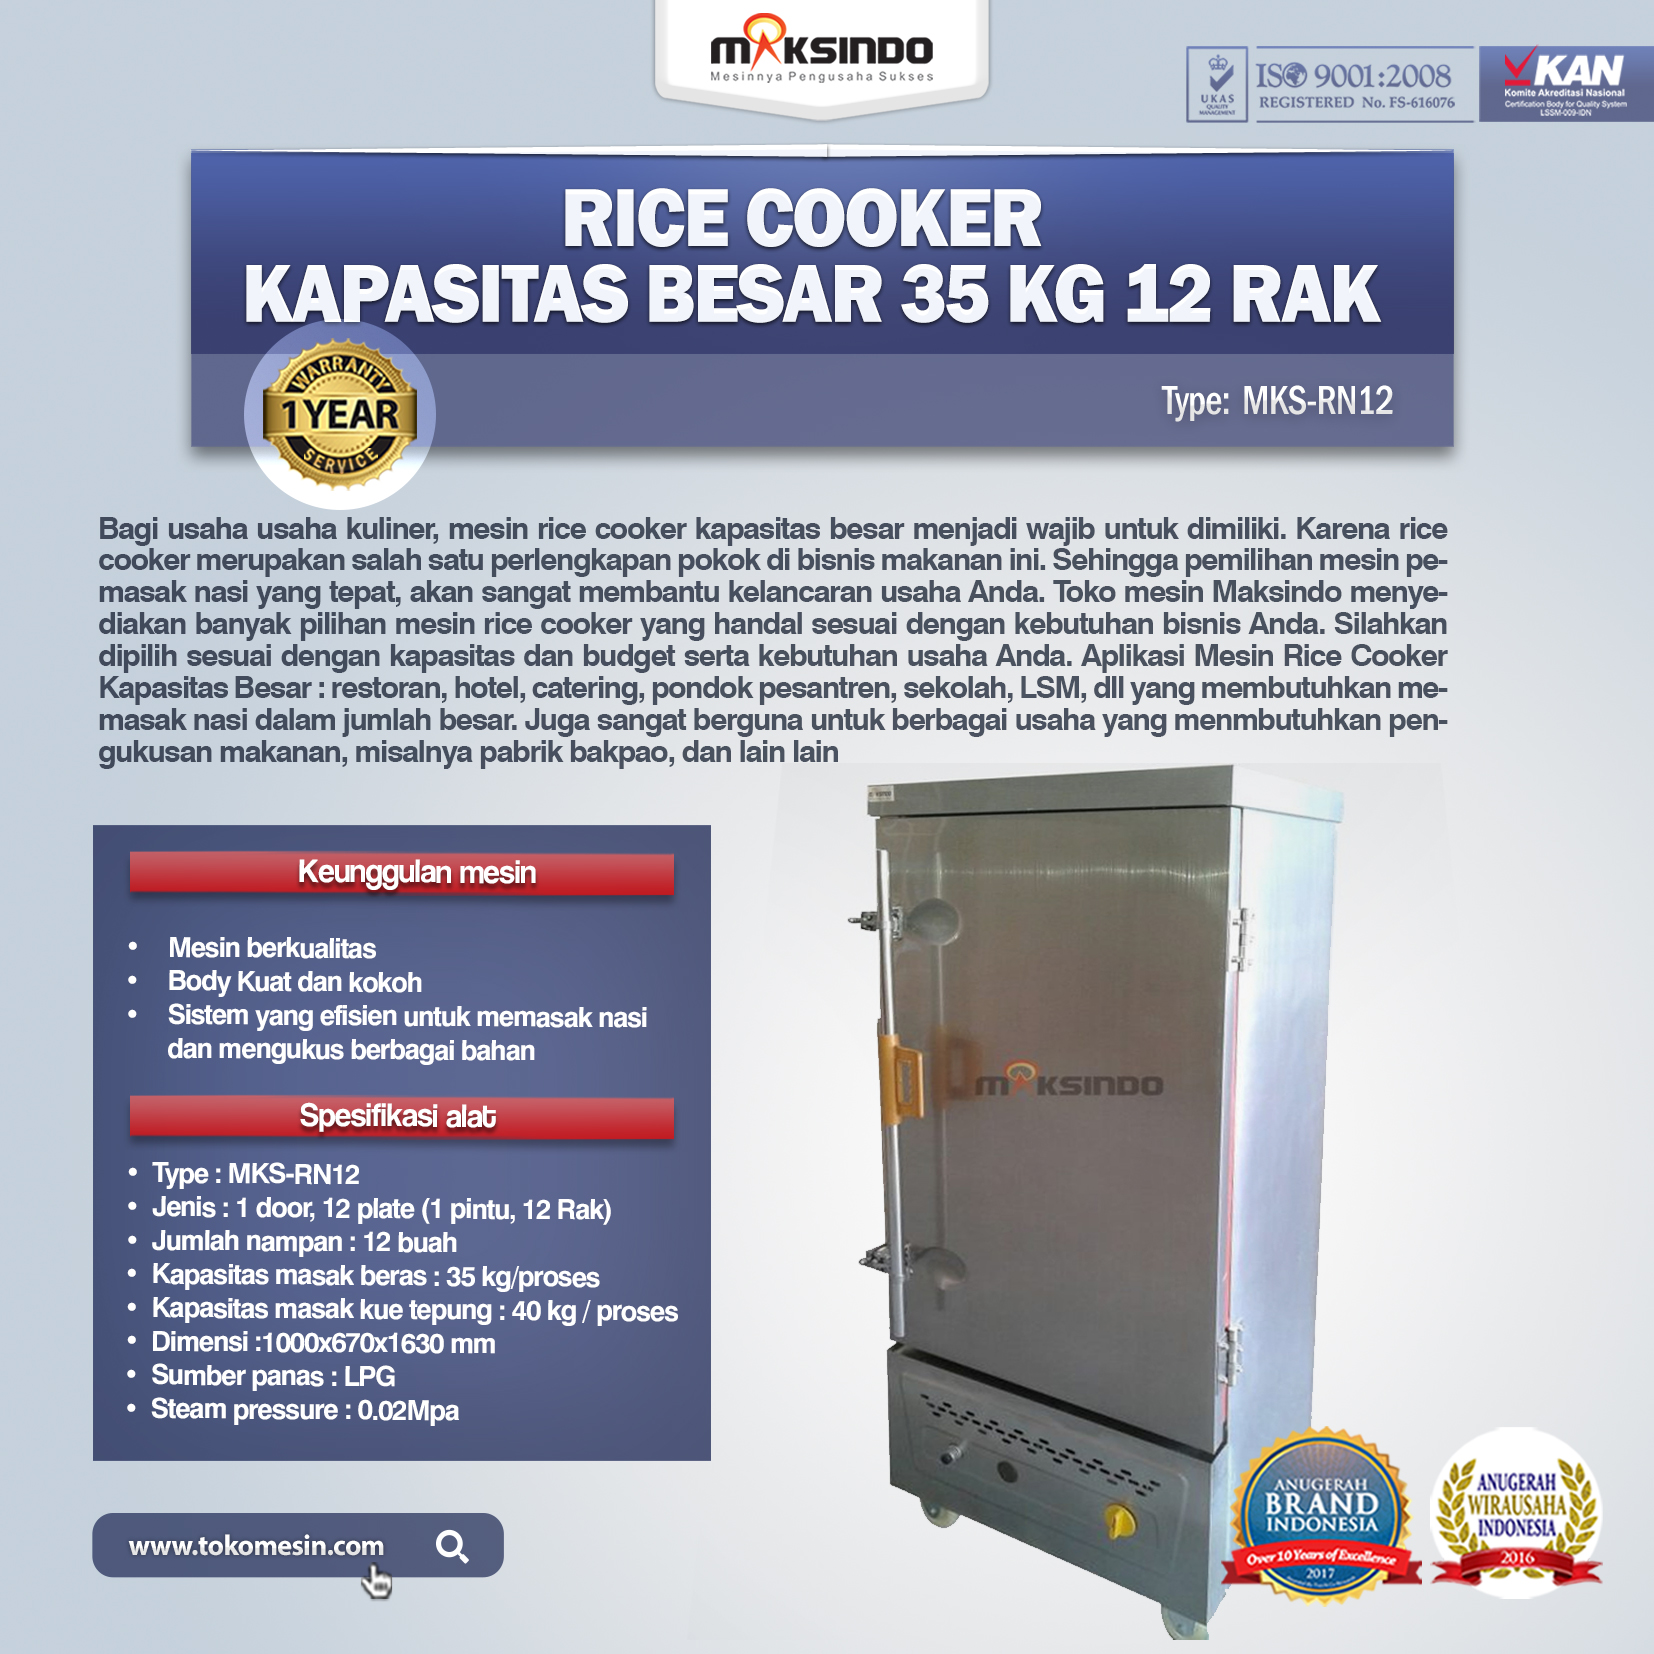 Rice Cooker Kapasitas Besar 35 Kg 12 Rak MKS-RN12